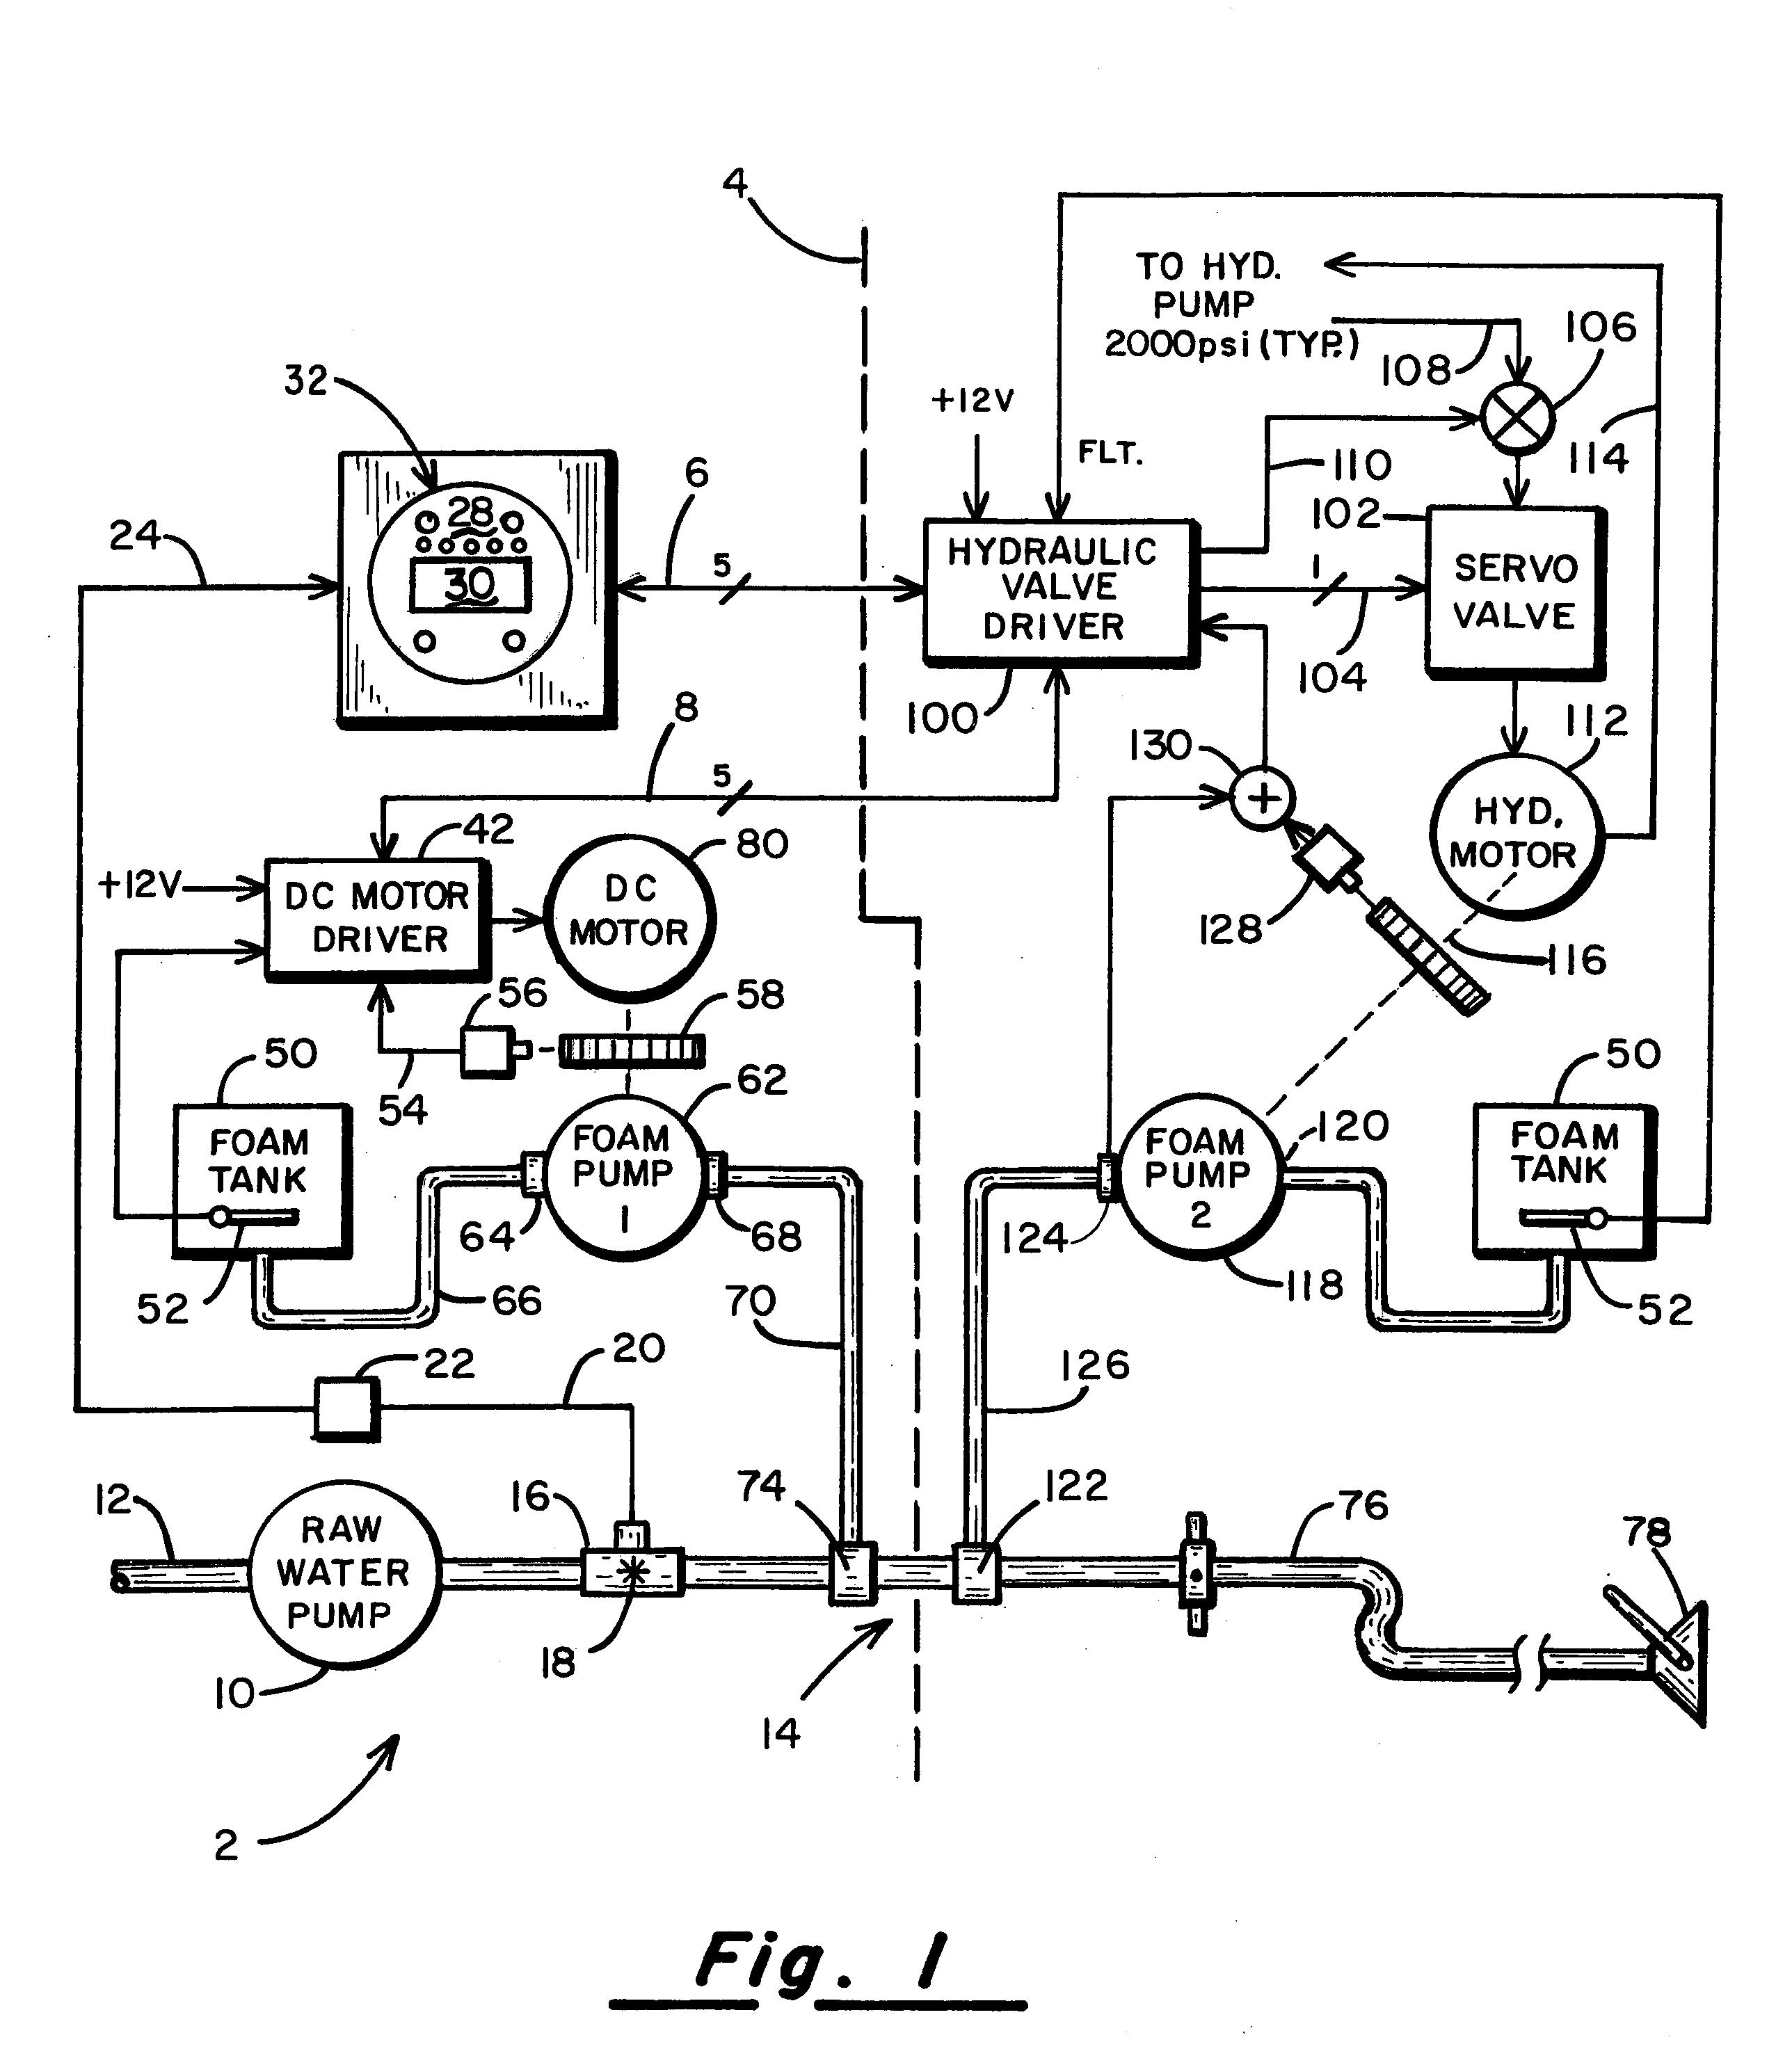 patent us6766863